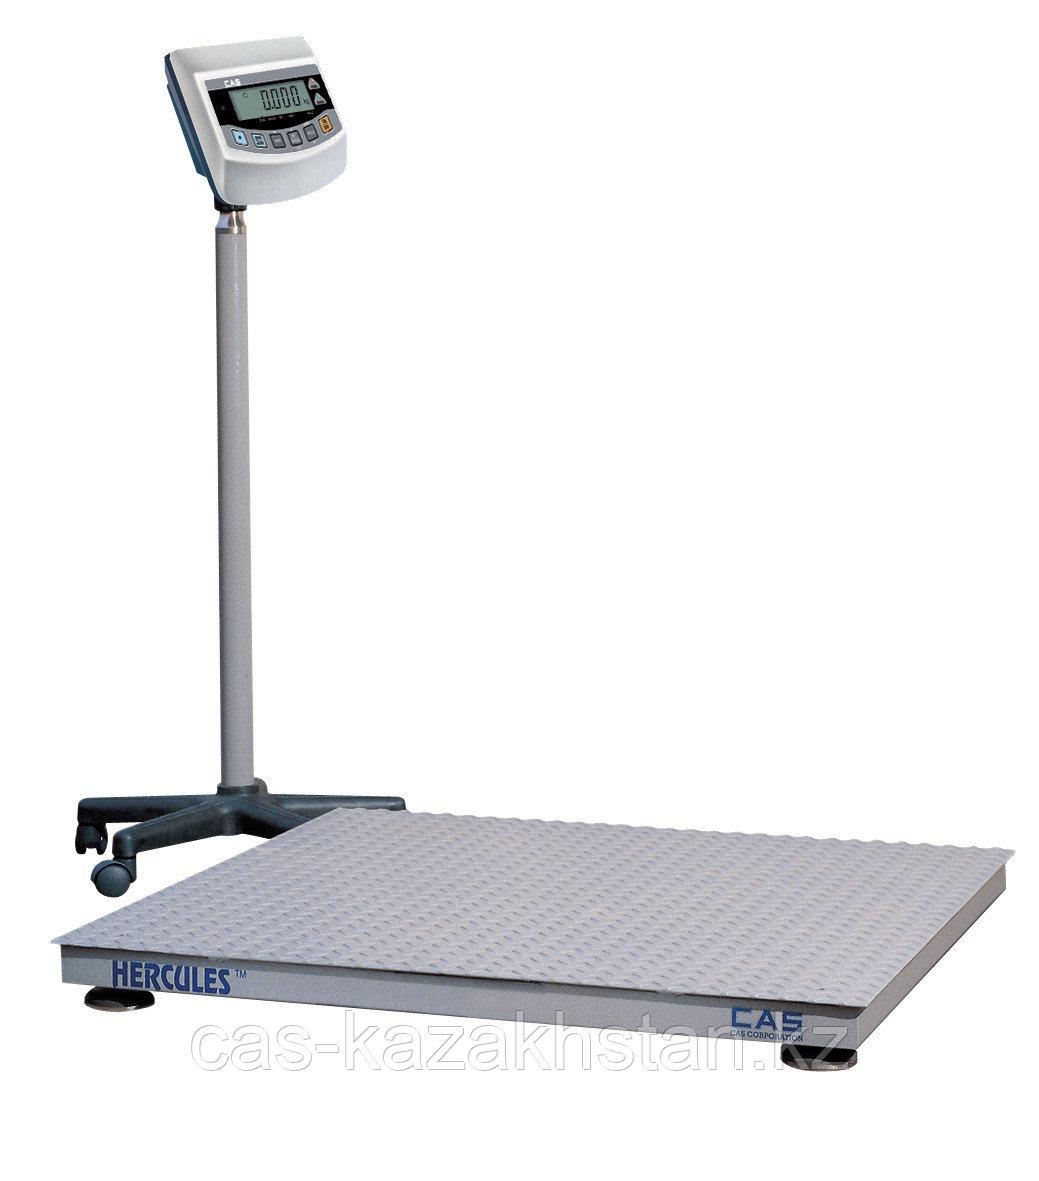 Низко профильные платформенные весы Геркулес HFS 1 (1200x1500)